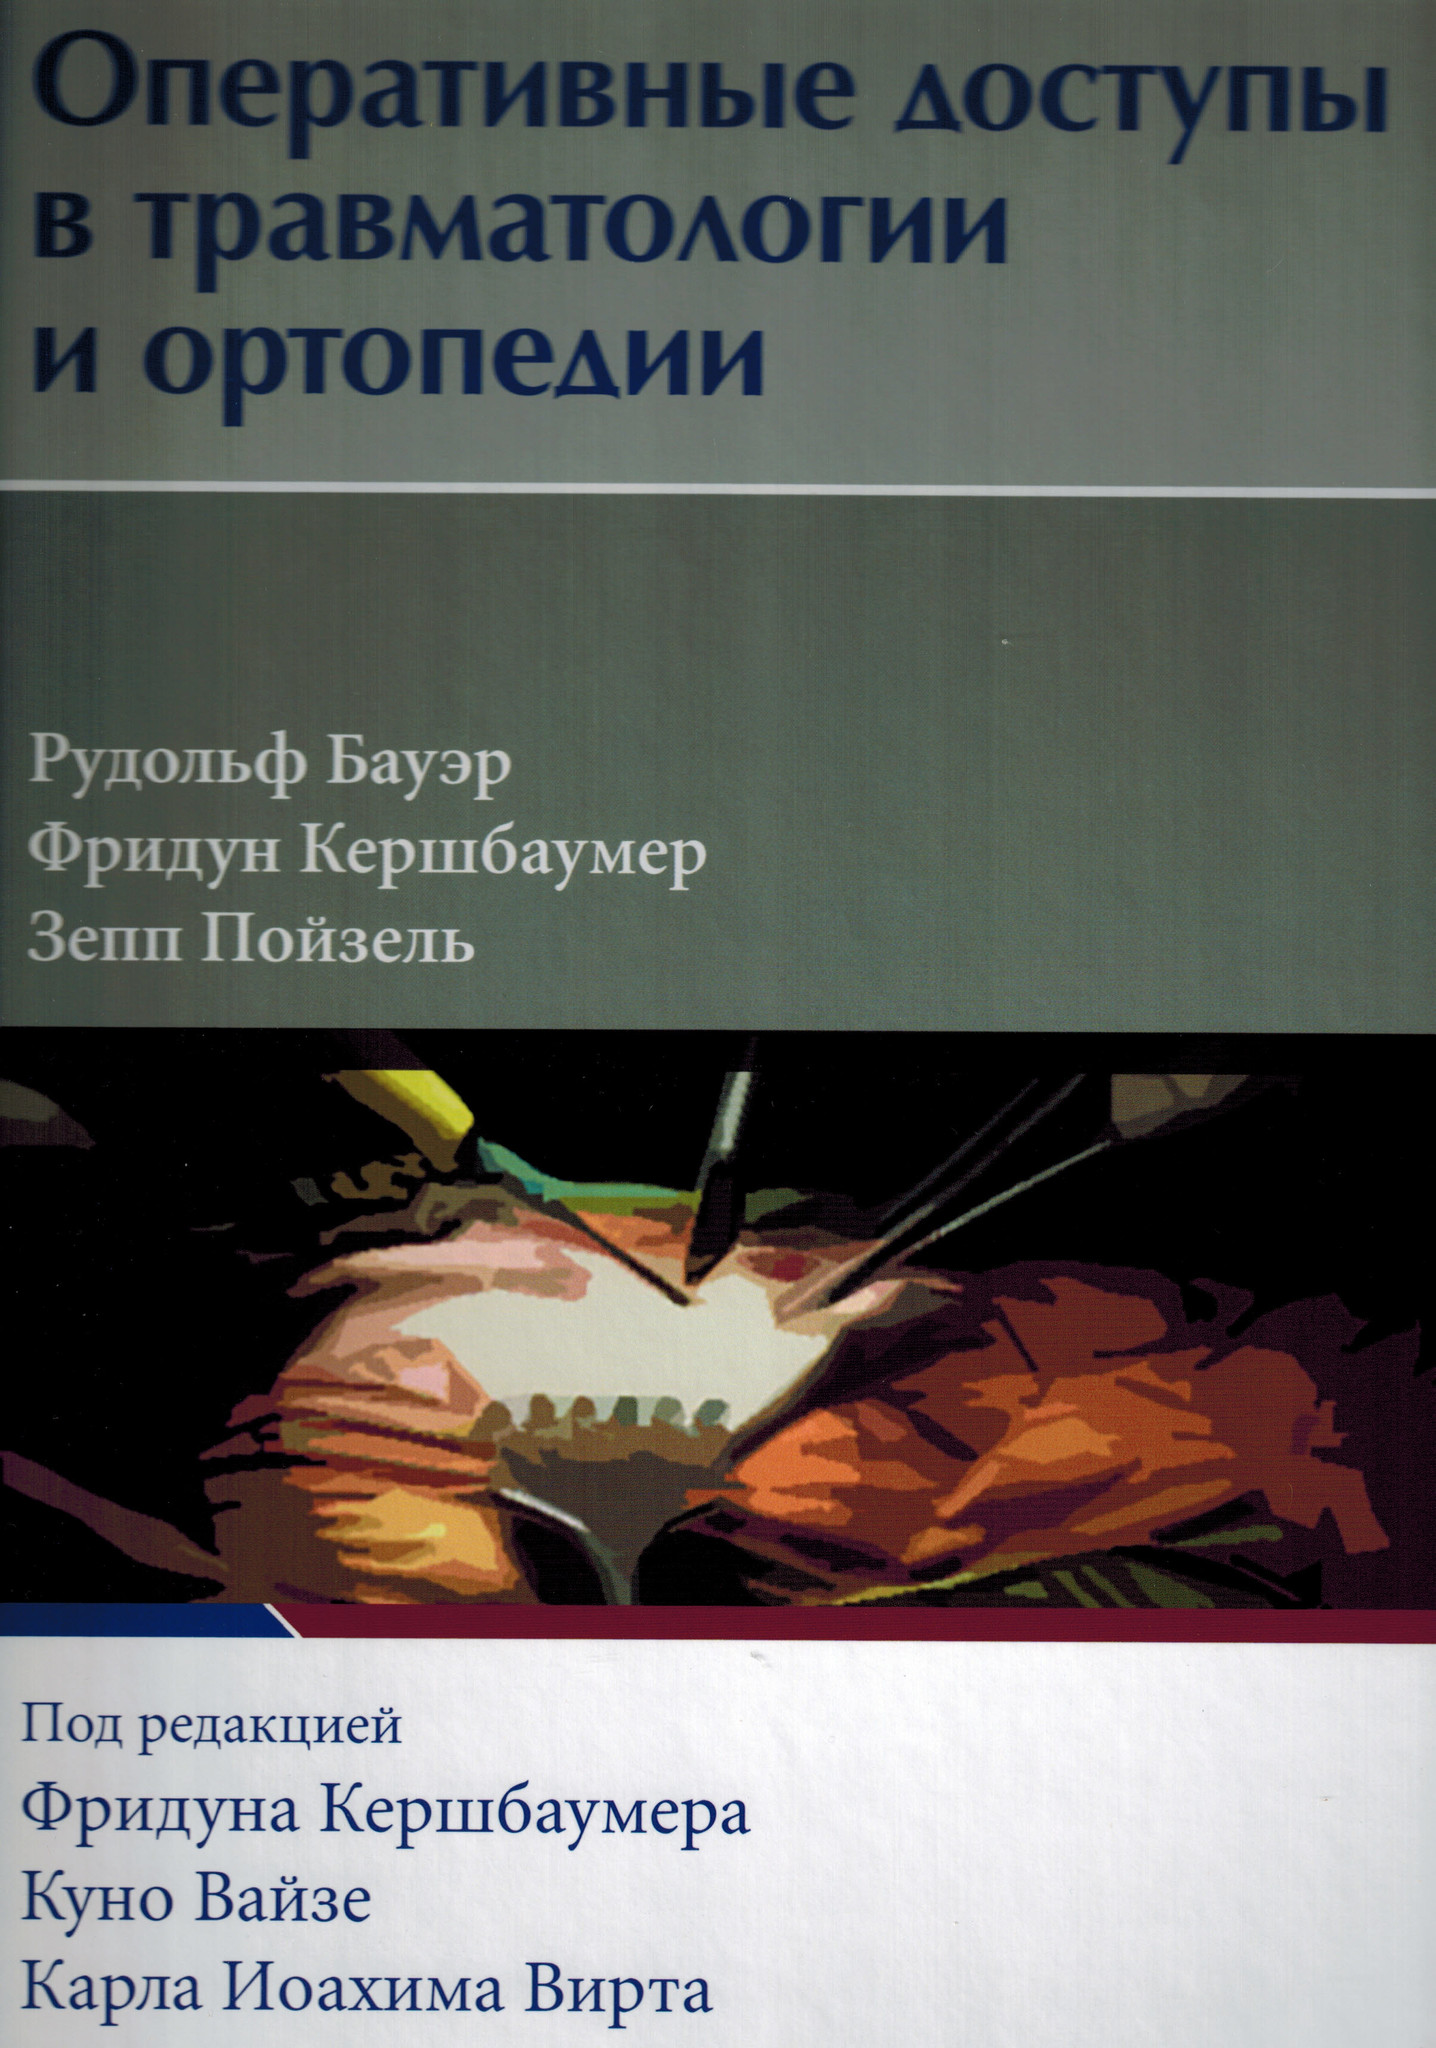 Артроскопия Оперативные доступы в травматологии и ортопедии odvt.jpg